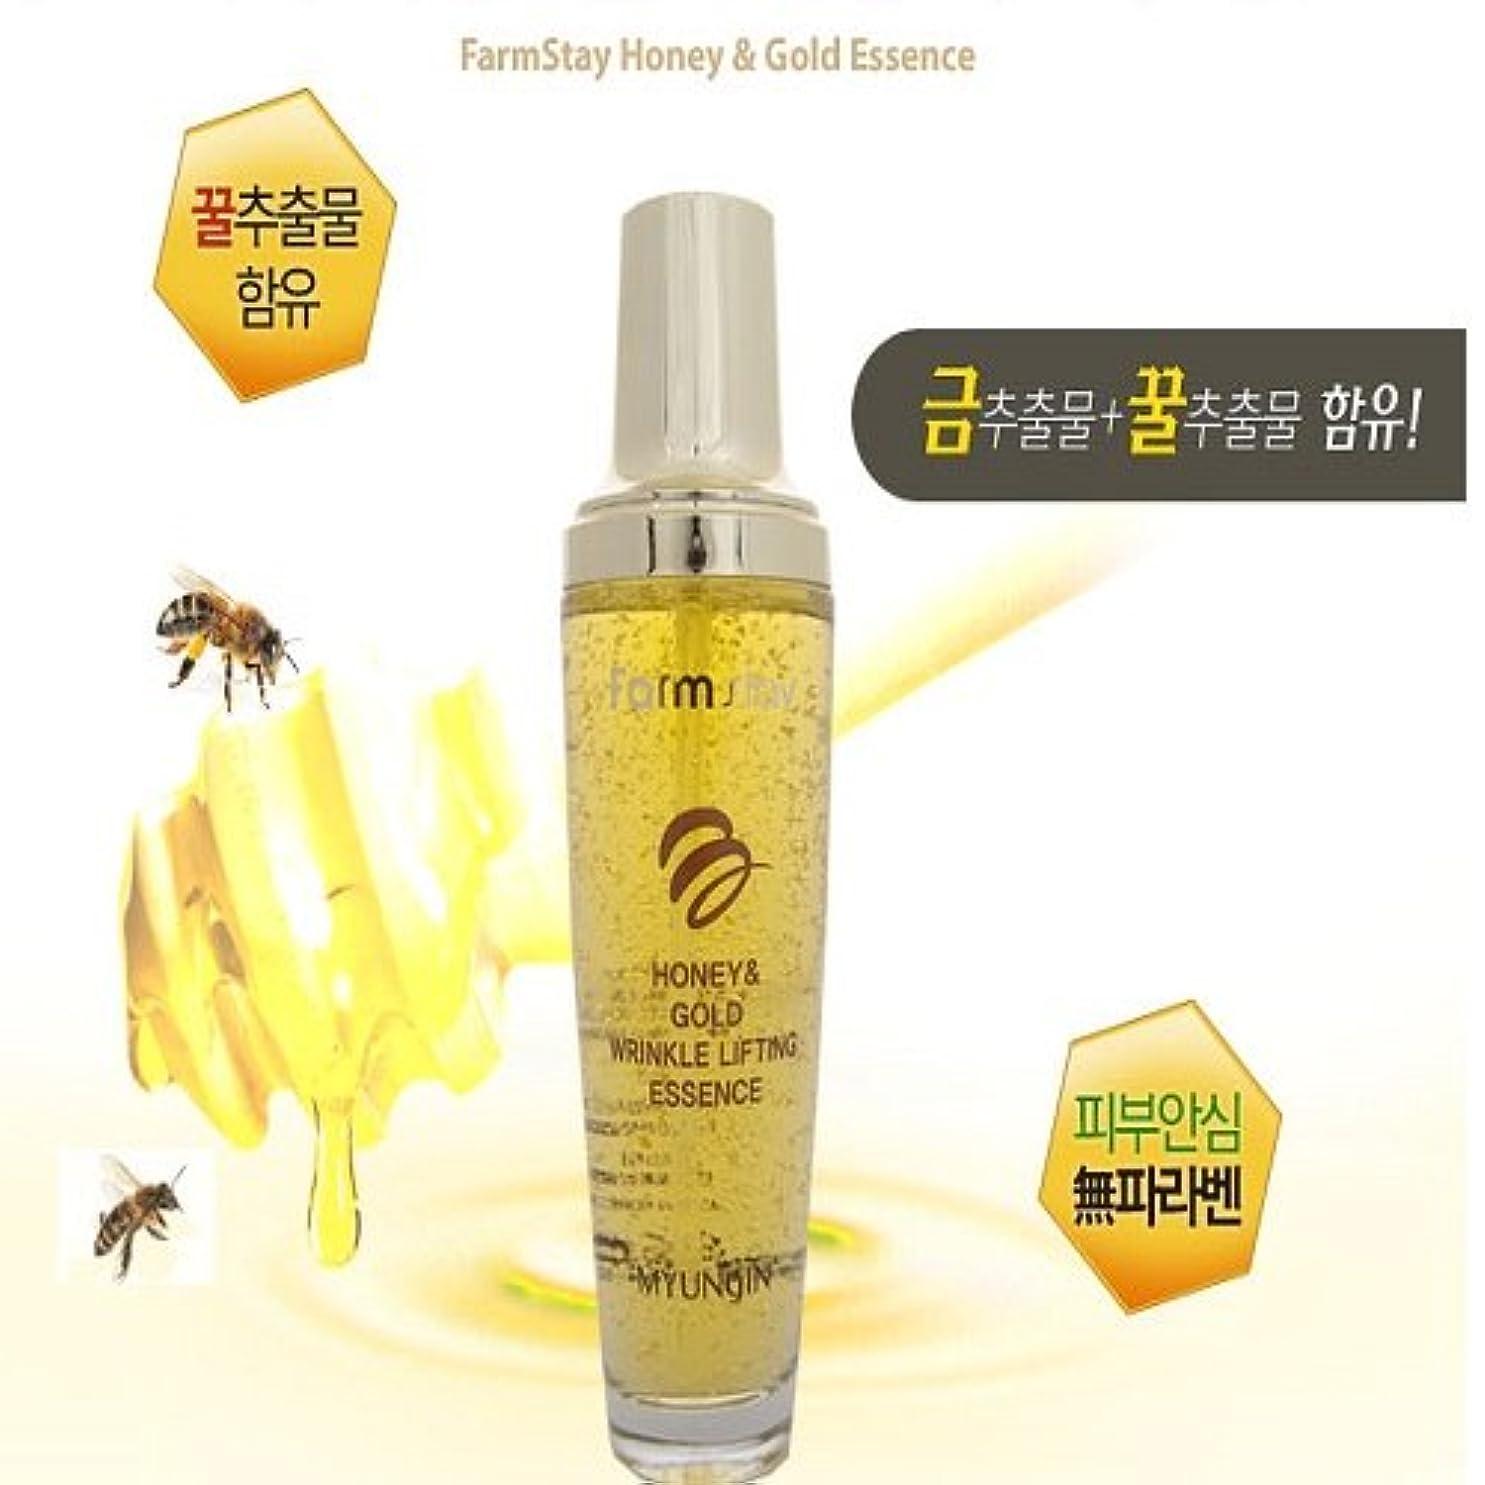 スコットランド人百年センチメンタル[FARM STAY] Honey & Gold Wrinkle Lifting Essence 130ml